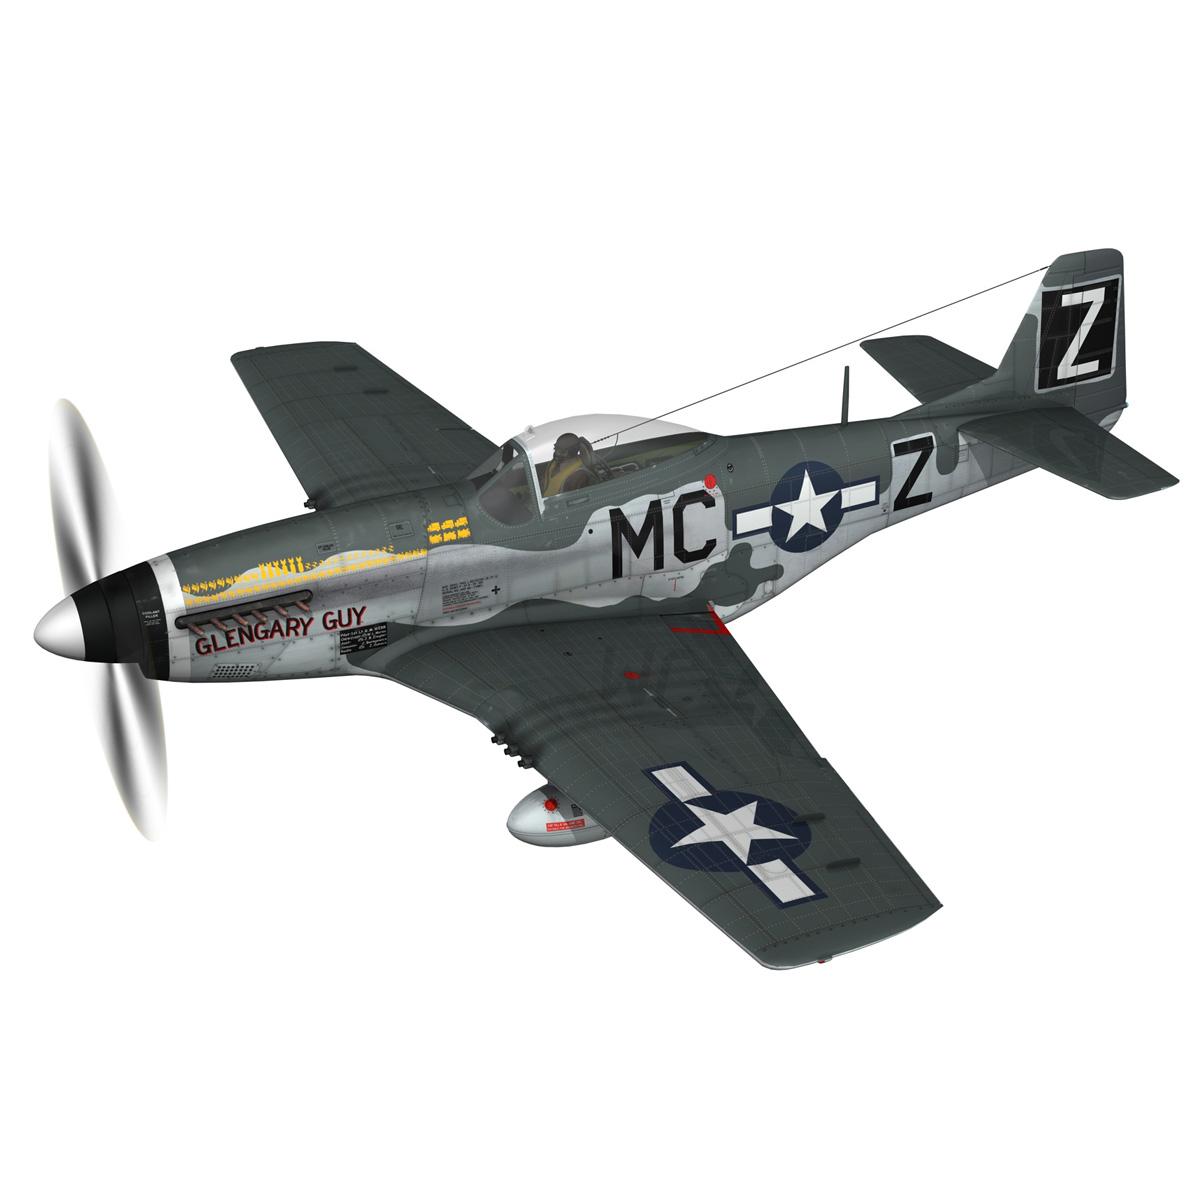 north american p-51d mustang – glengary guy 3d model fbx c4d lwo obj 267517